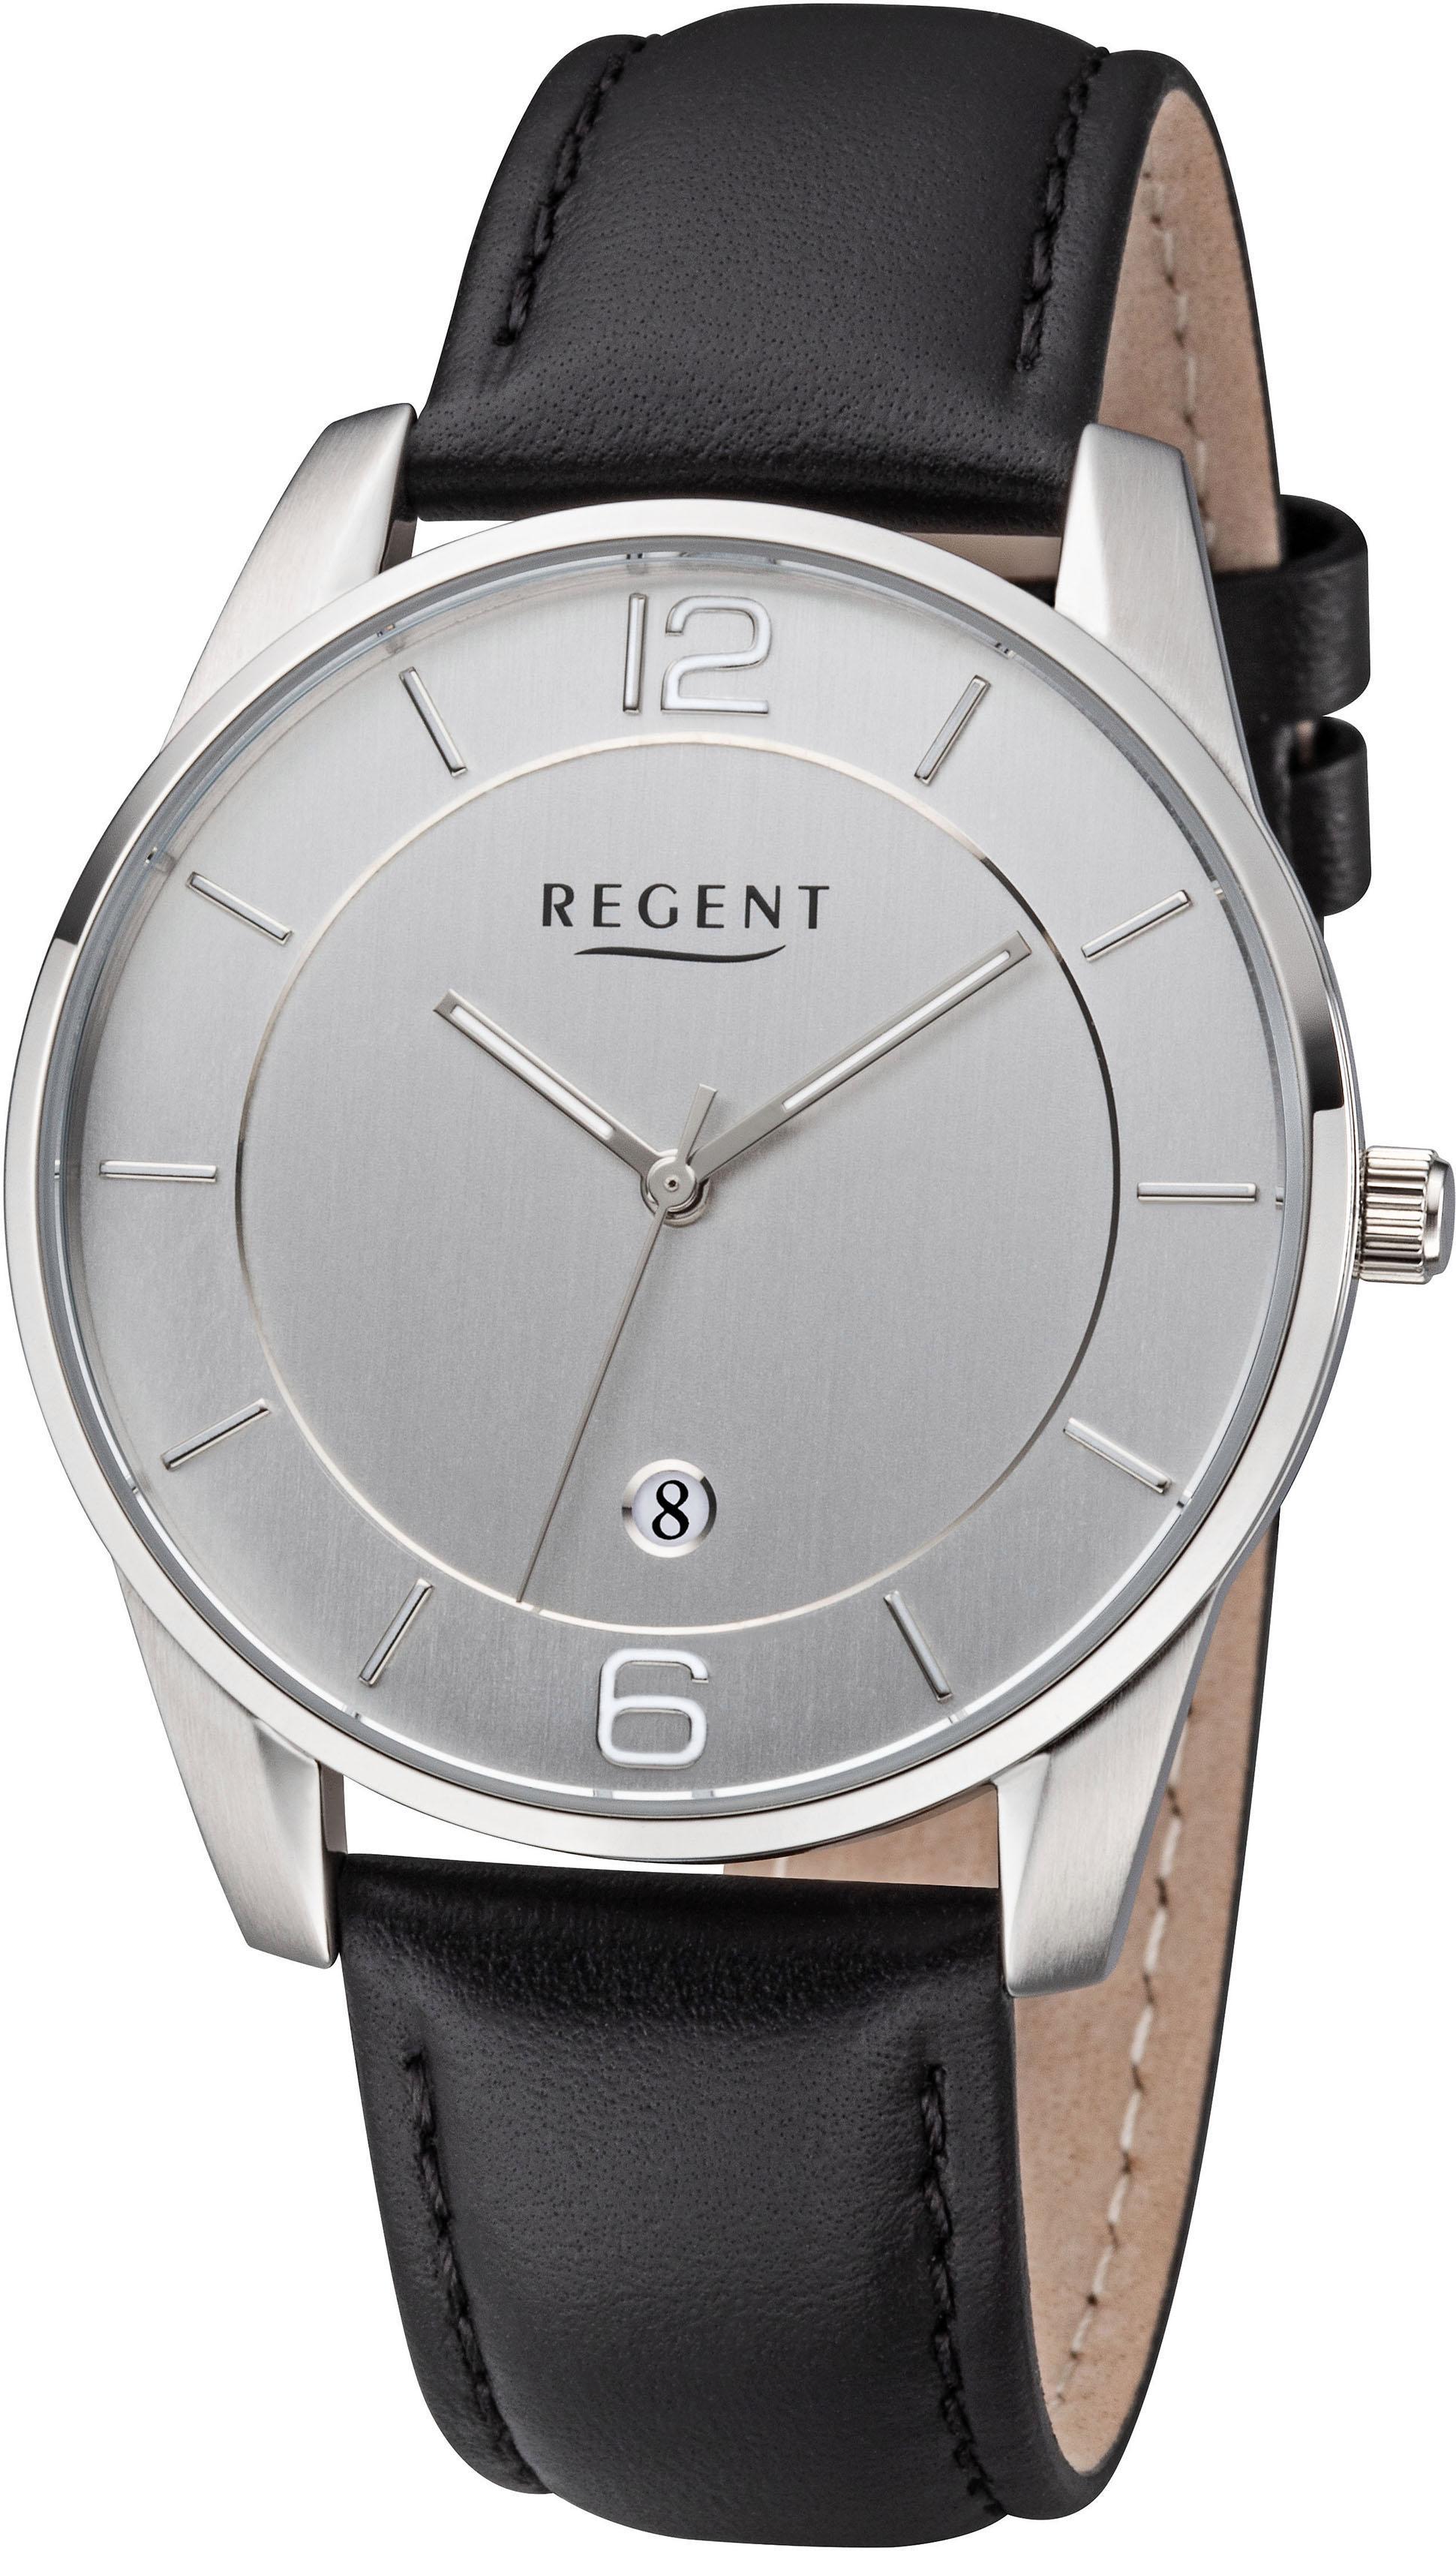 Regent Quarzuhr 1873.44.11, F1236 | Uhren > Quarzuhren | Regent